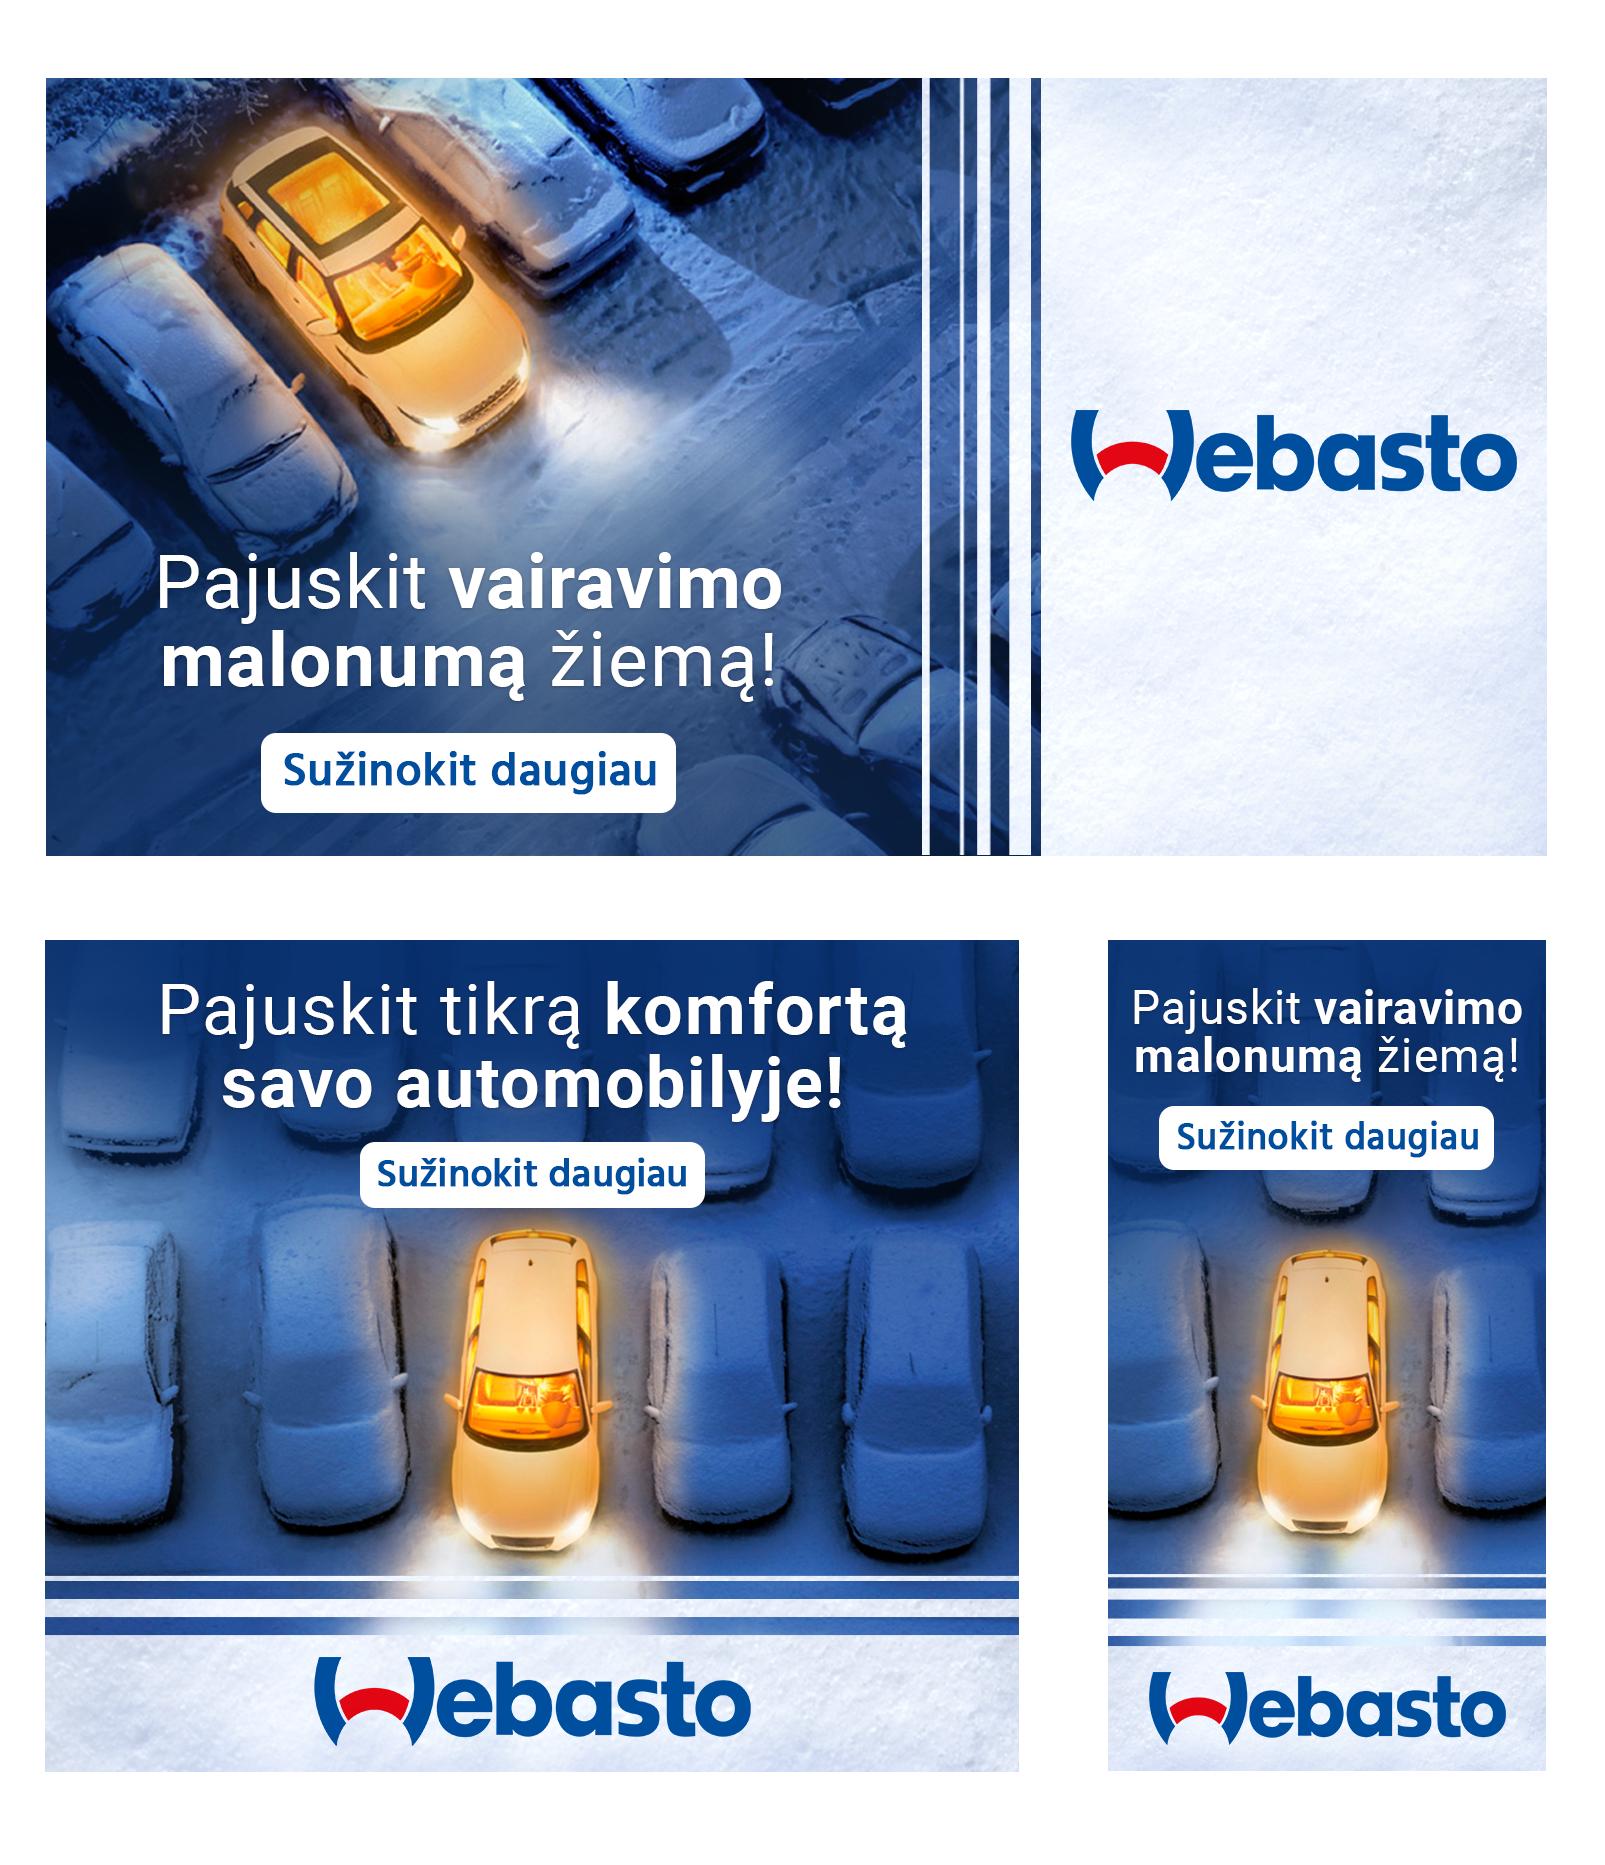 Reklaminiai Skydeliai Webasto